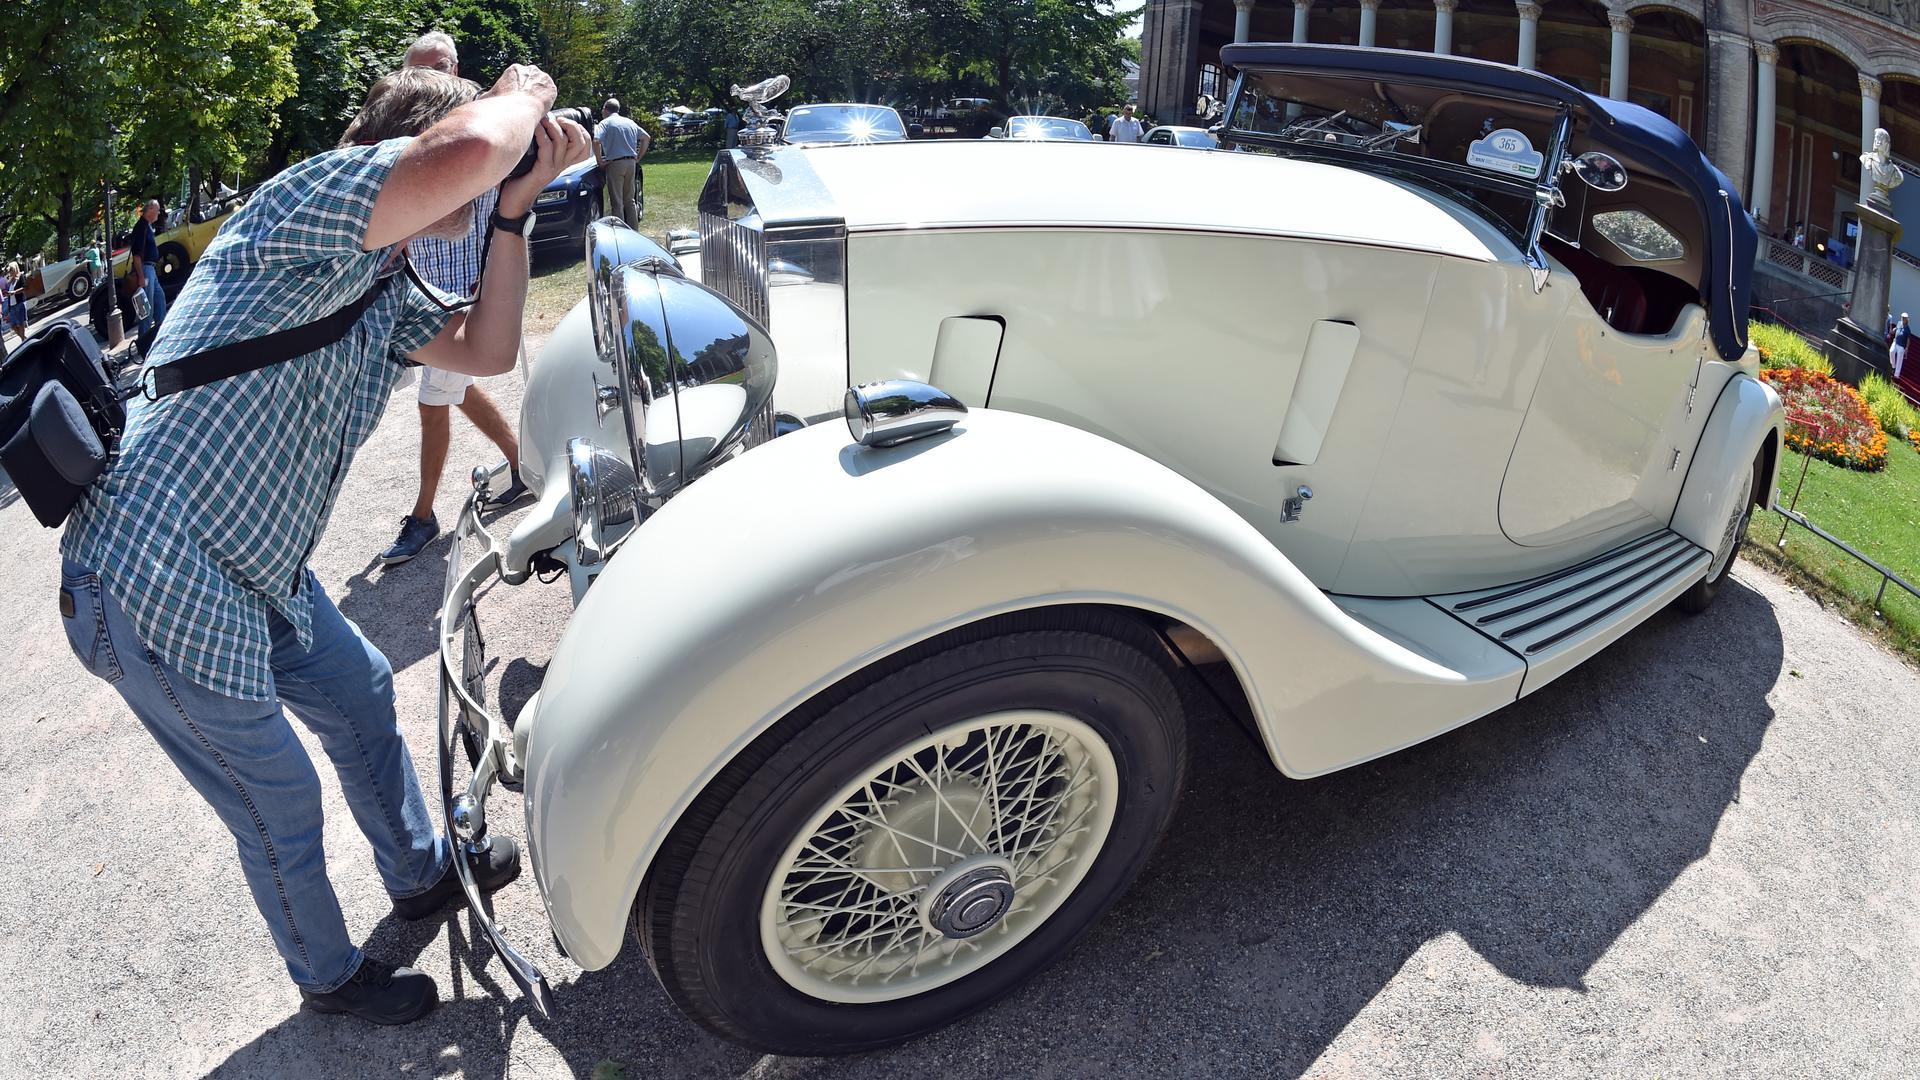 Beim 39. Internationalen Oldtimer Meeting in Baden-Baden (Baden-Württemberg) ist am 11.07.2015 ein Rolls-Royce 25/30 Open Tourer aus dem Jahr 1938 zu sehen. Bis einschließlich 12. Juli können vom Publikum rund 400 Oldtimer betrachtet werden. Foto: Uli Deck/dpa ++ +++ dpa-Bildfunk +++